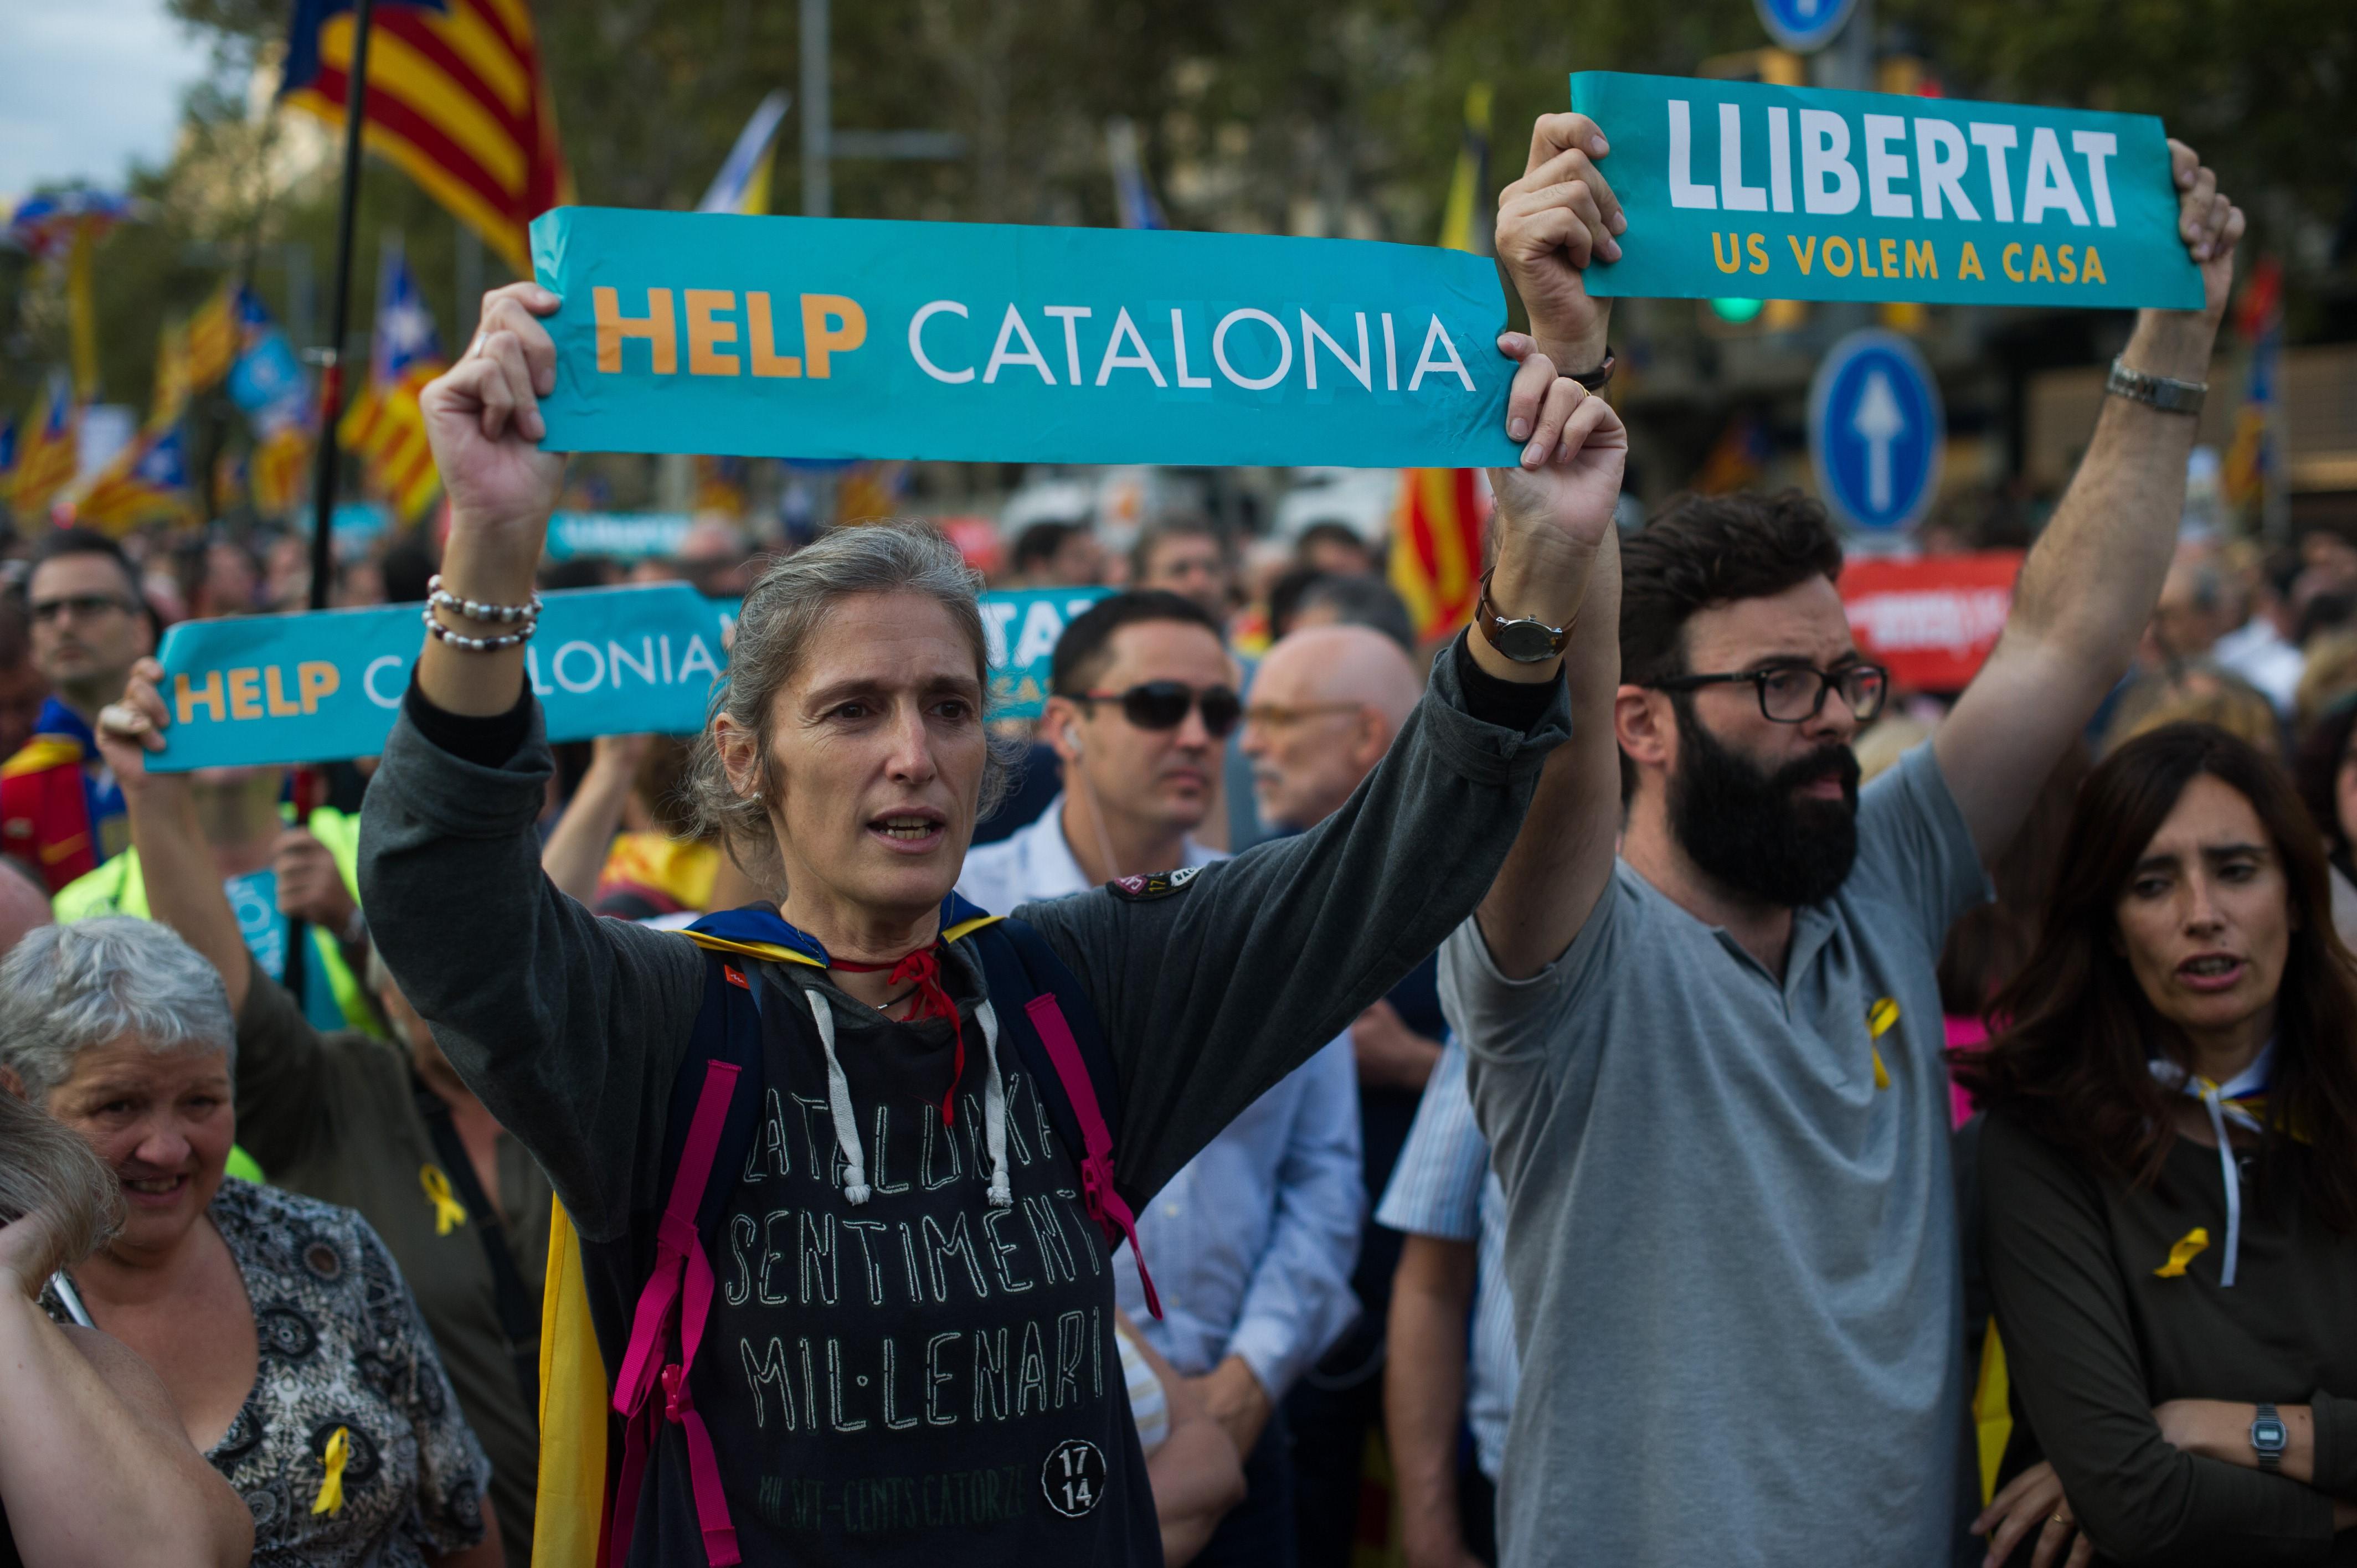 Mesaj din Parlamentul European: Nimeni nu va recunoaşte independenţa Cataloniei